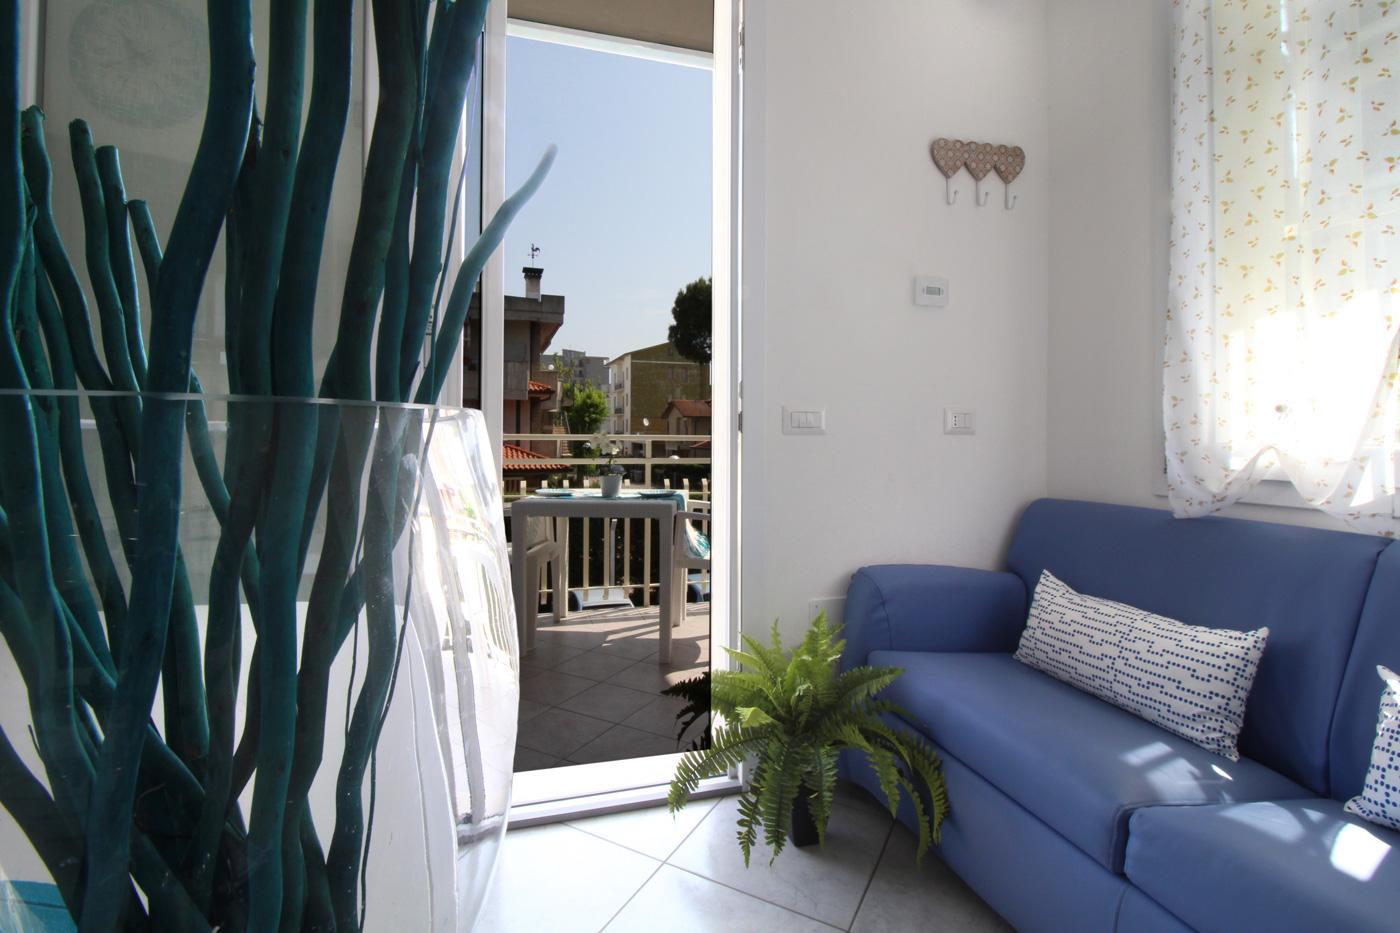 Appartamento sabrina romagna case vacanze-IMG_8662